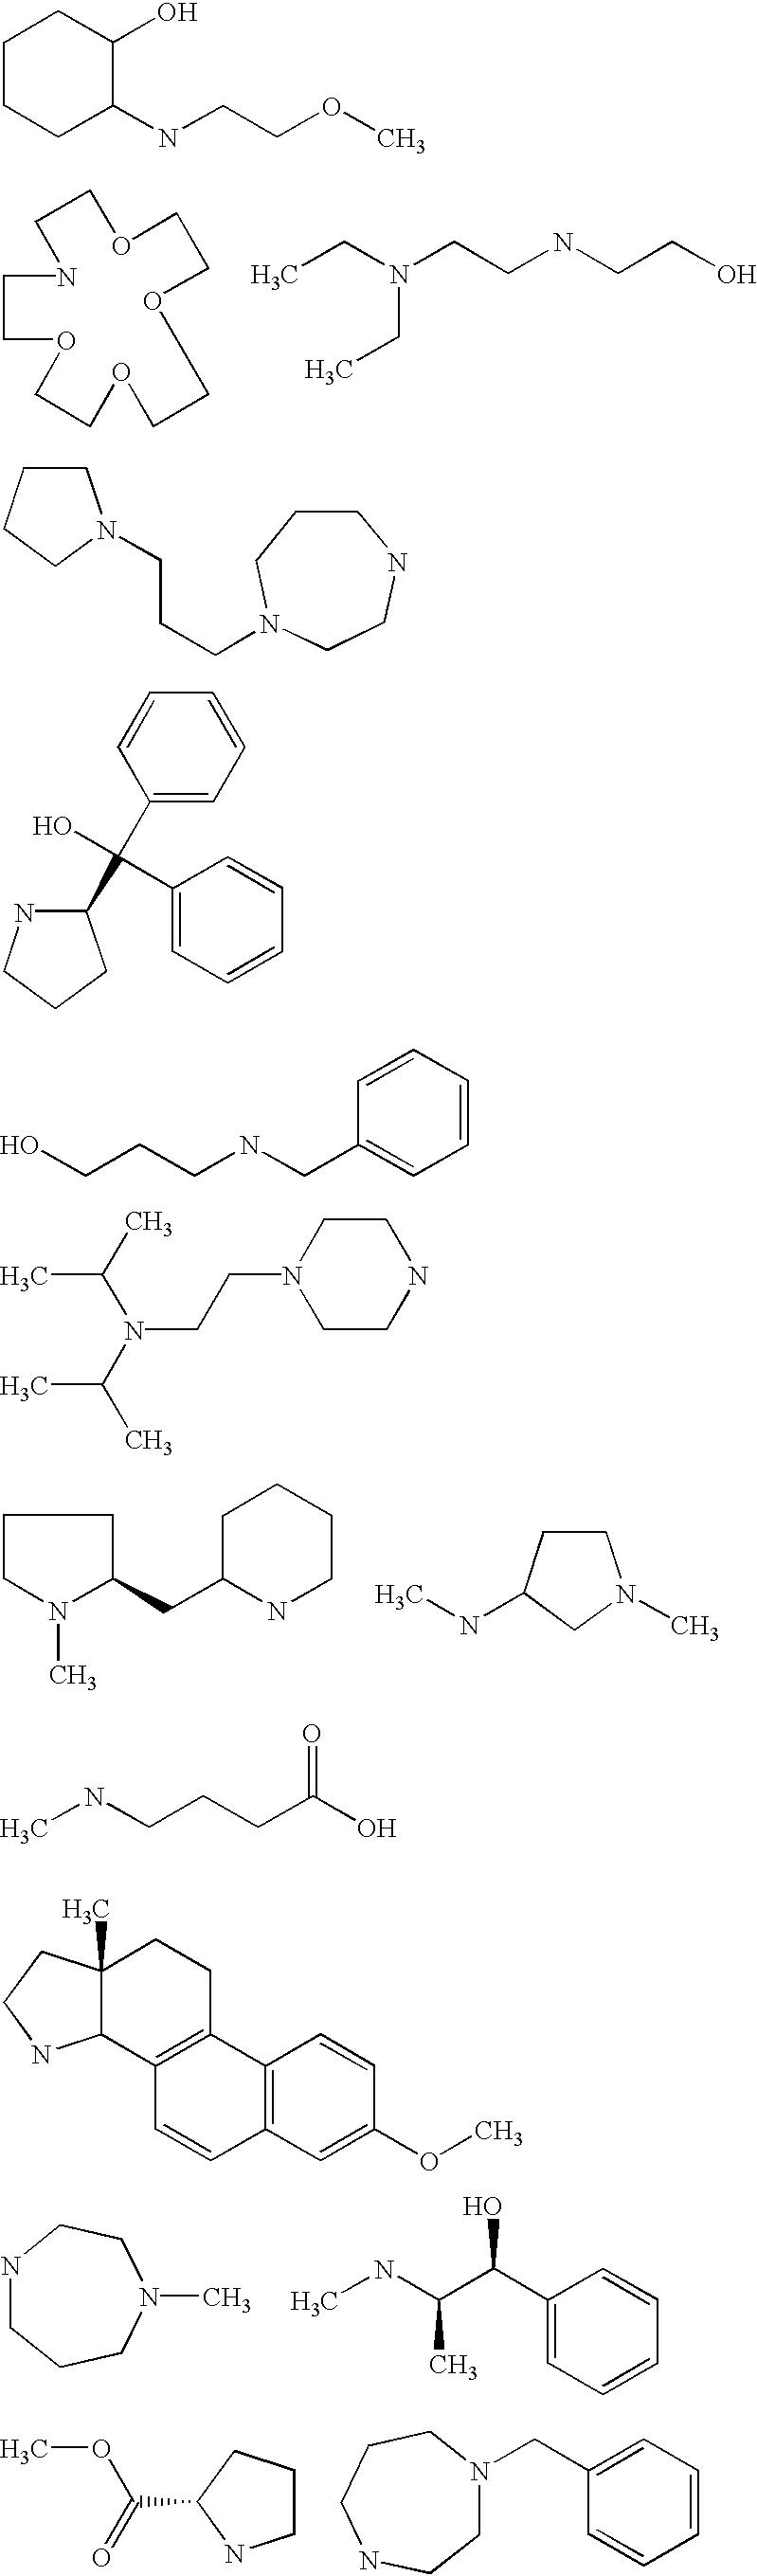 Figure US06693202-20040217-C00071